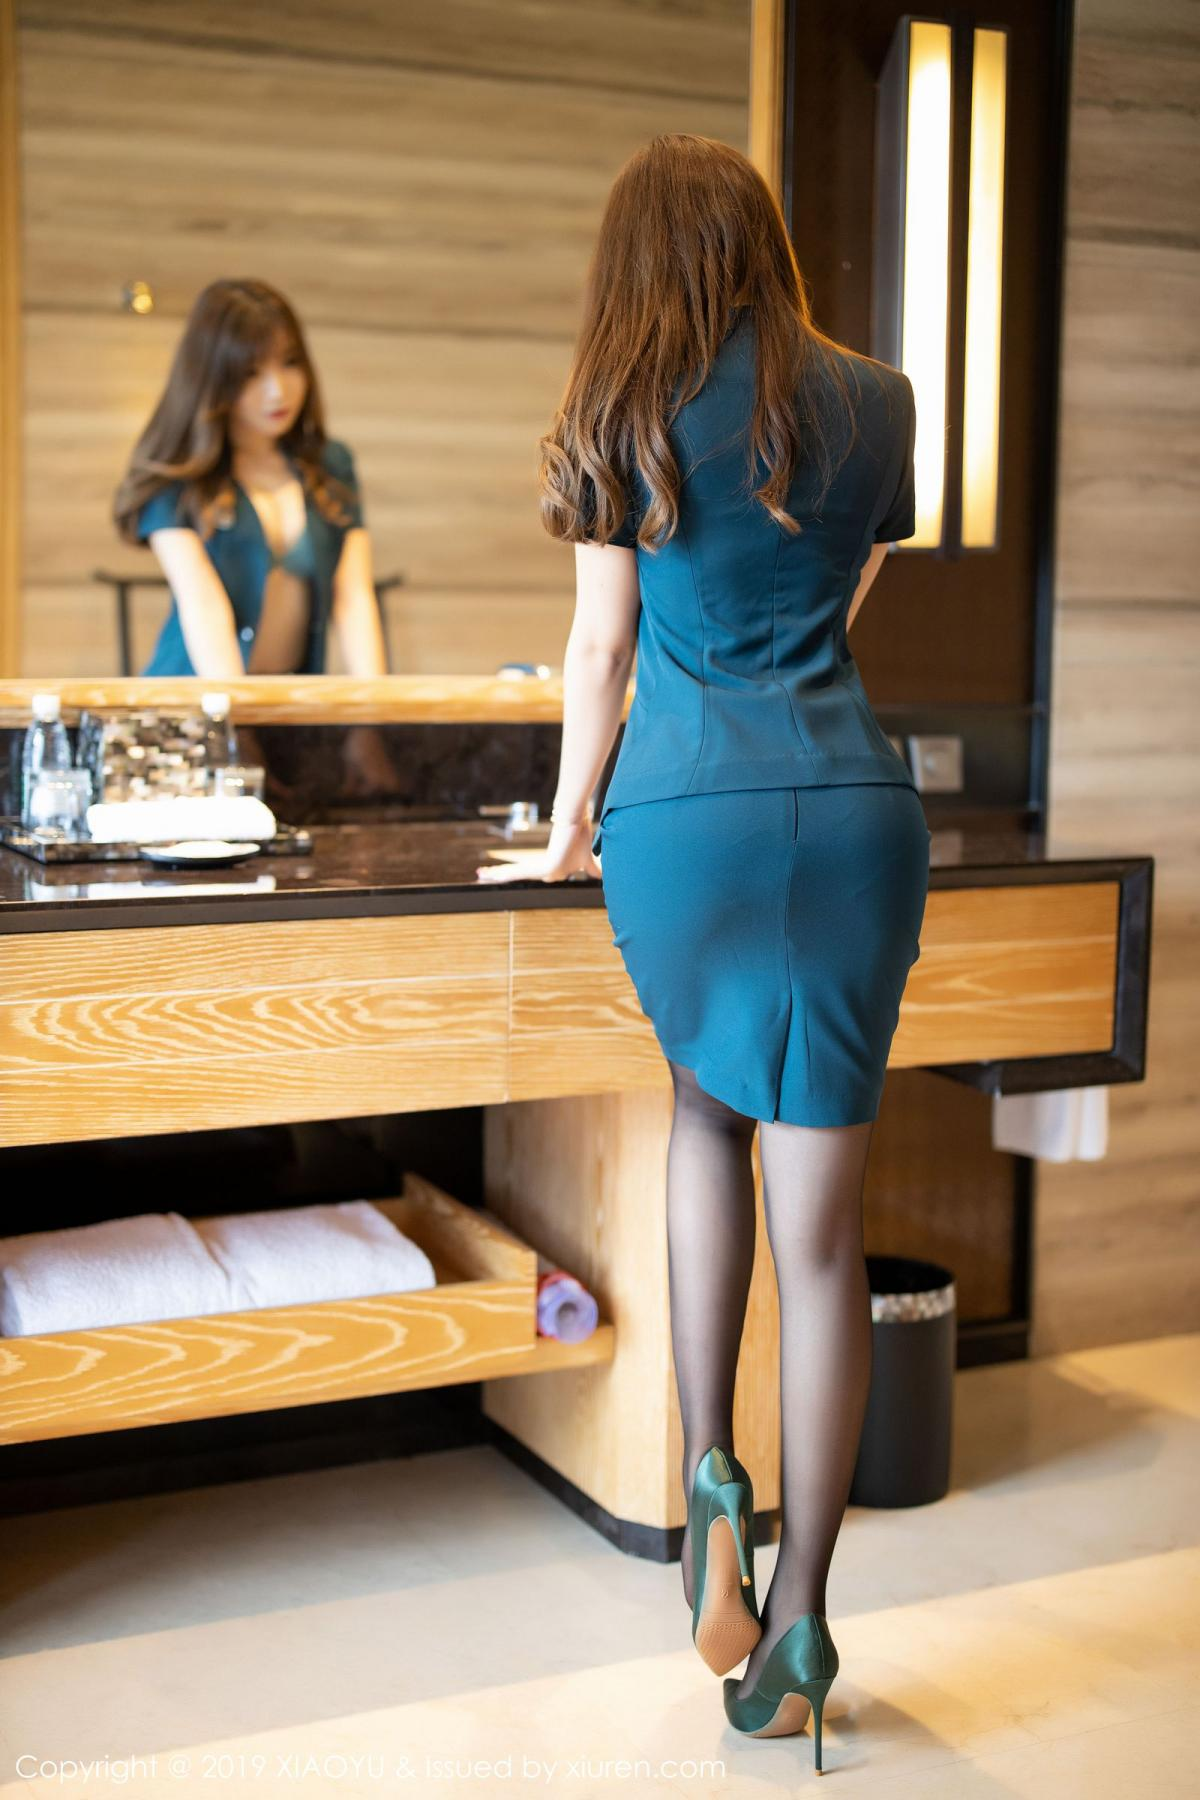 [XiaoYu] Vol.215 Zhi Zhi Booty 19P, Black Silk, Chen Zhi, Tall, XiaoYu